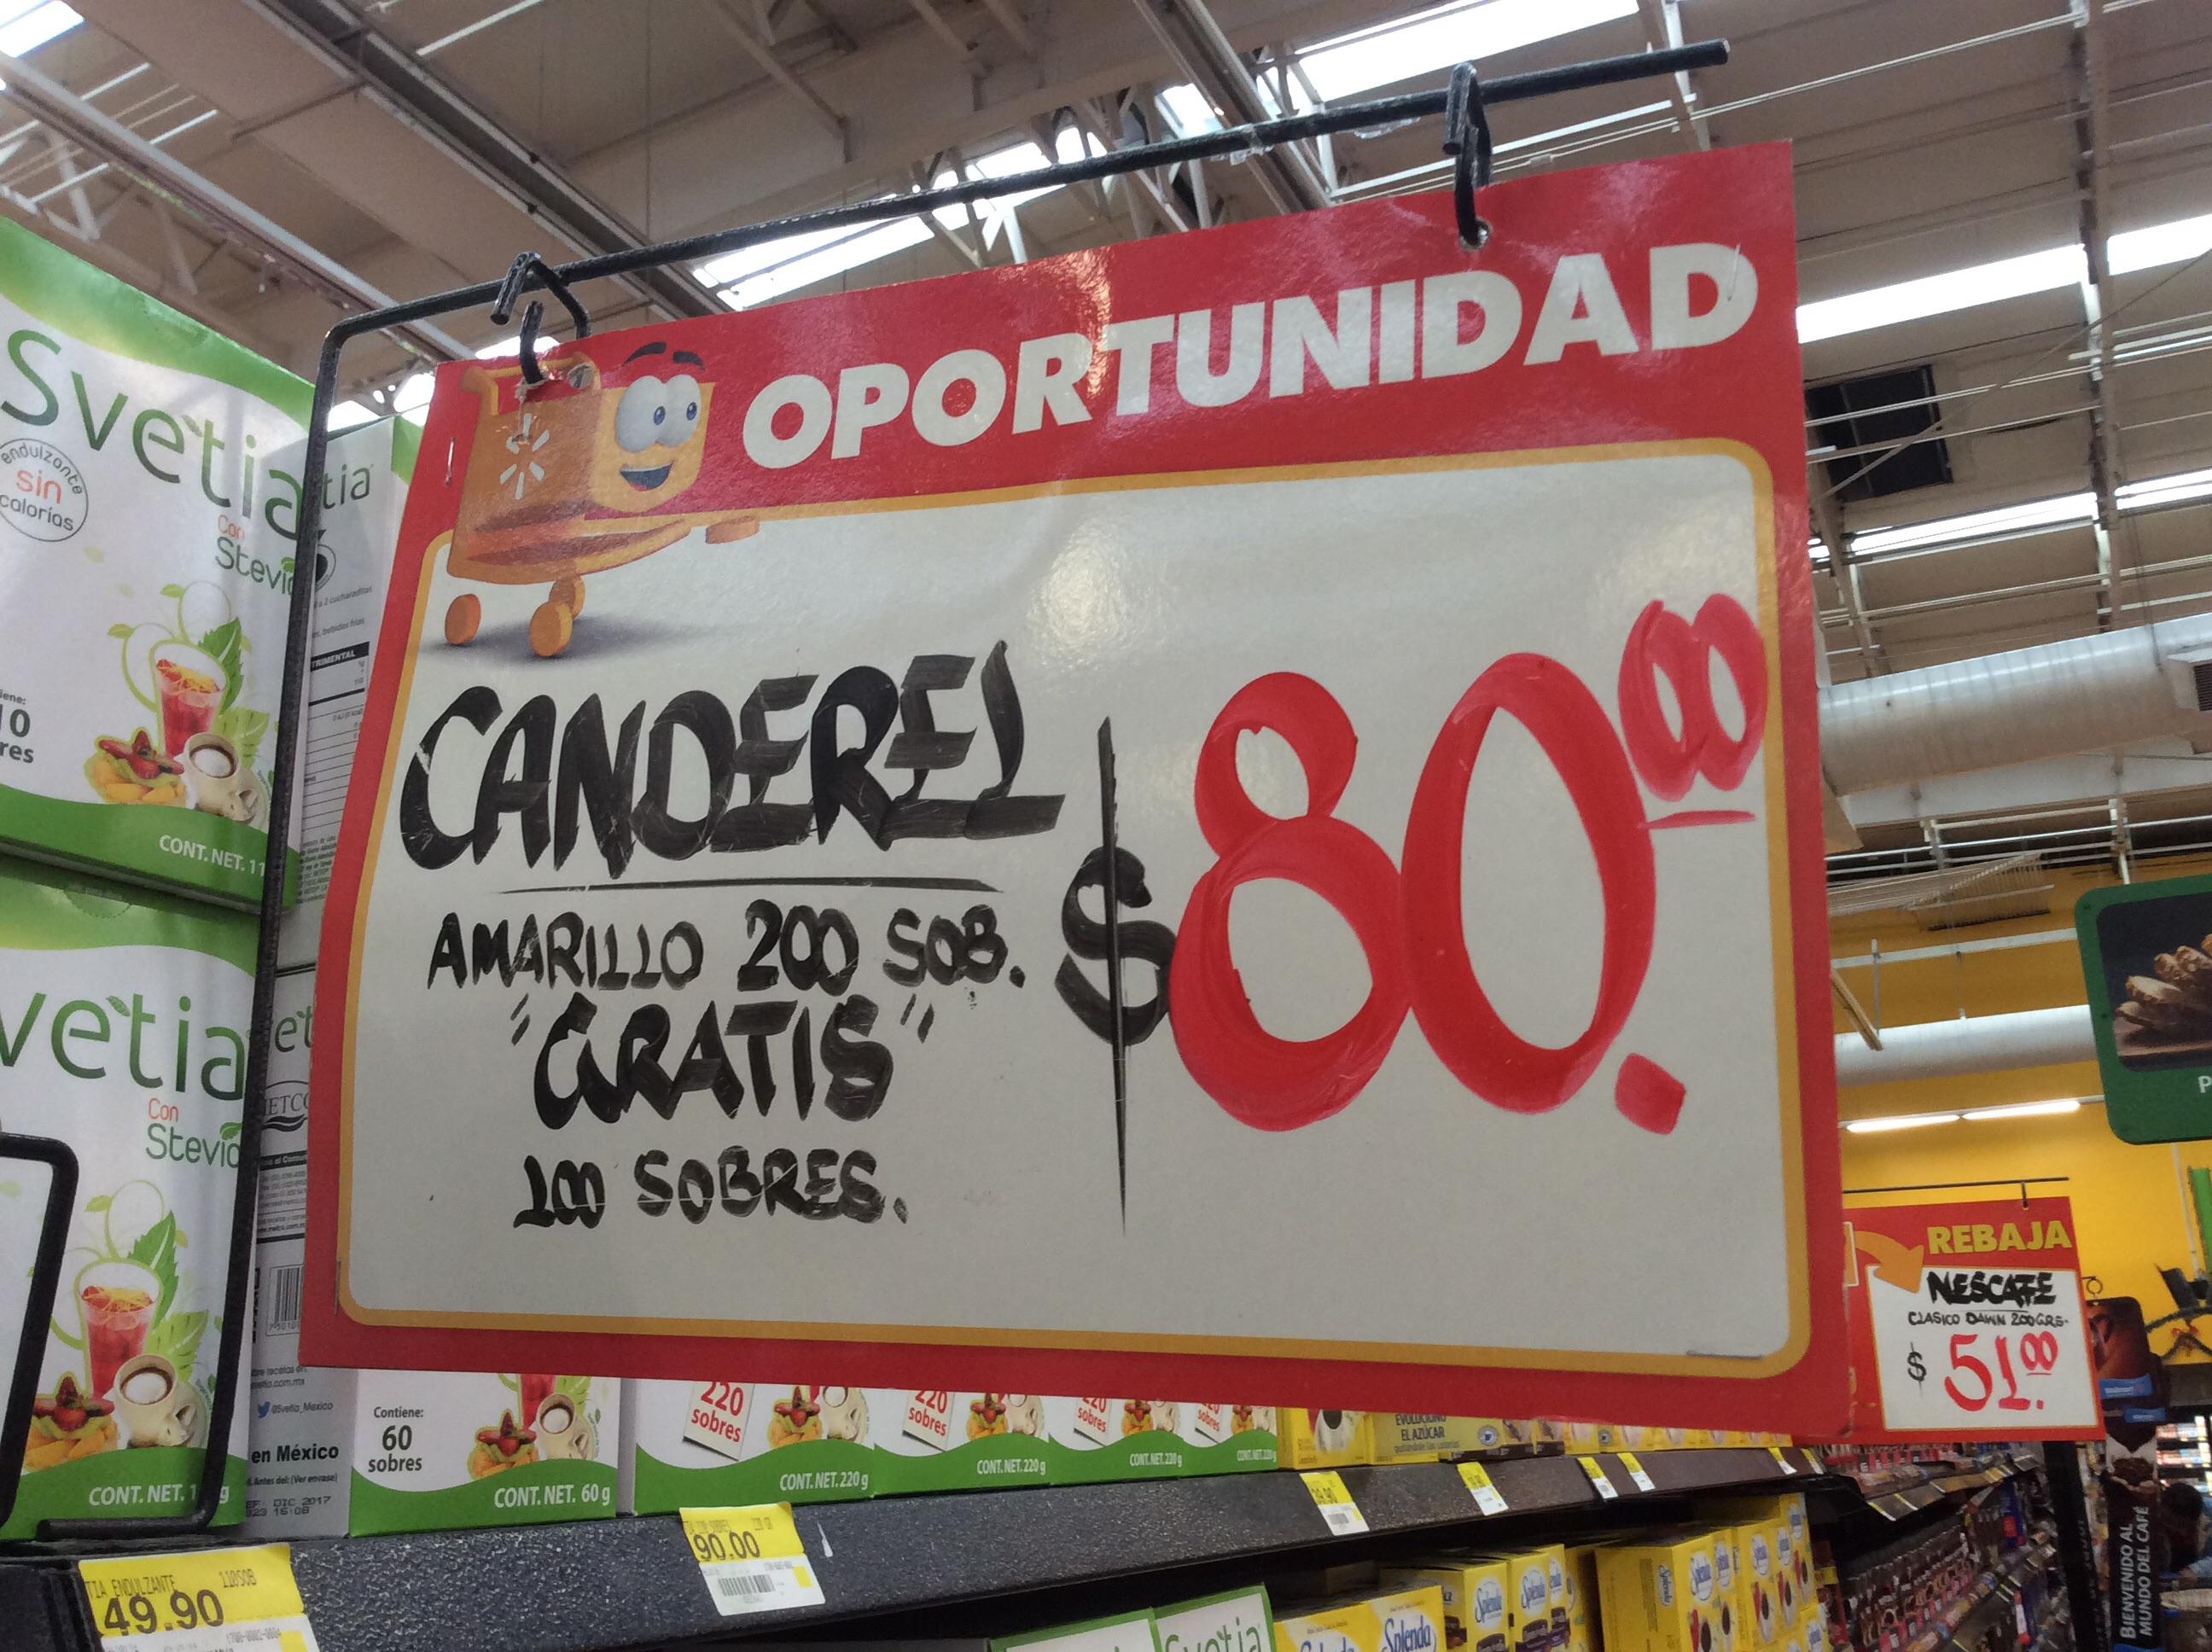 Walmart: 300 sobres de Canderel $80 (endulcorante artificial)